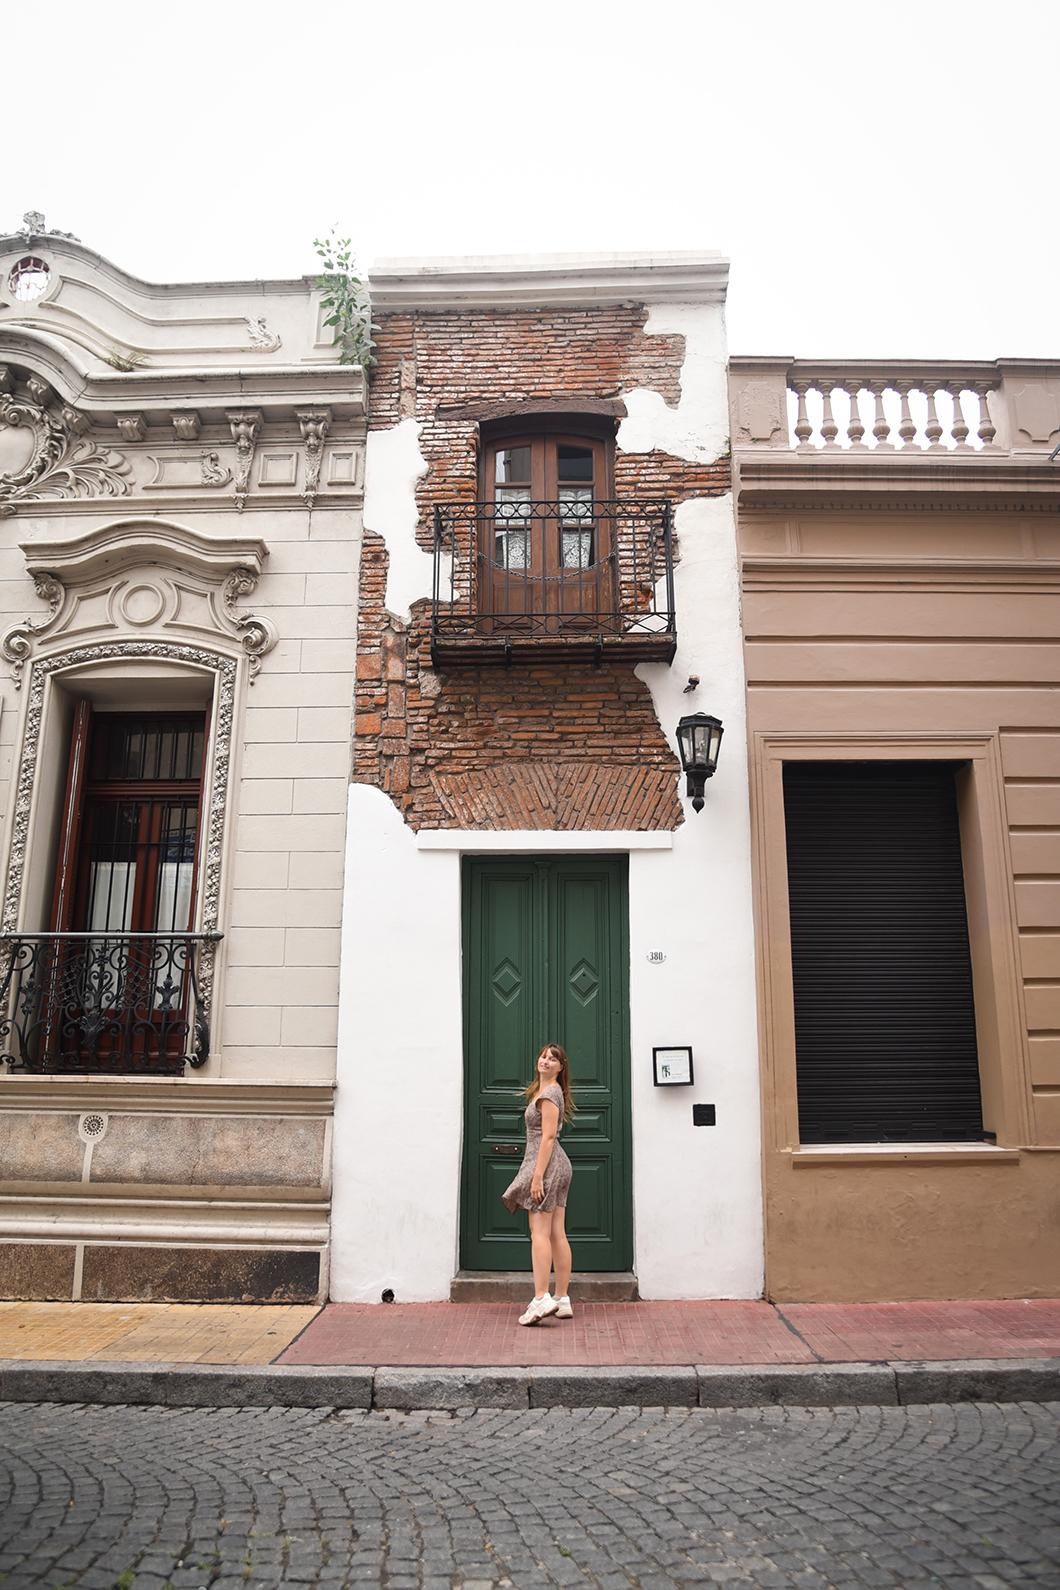 La Casa Minima à San Telmo, plus petite maison de Buenos Aires